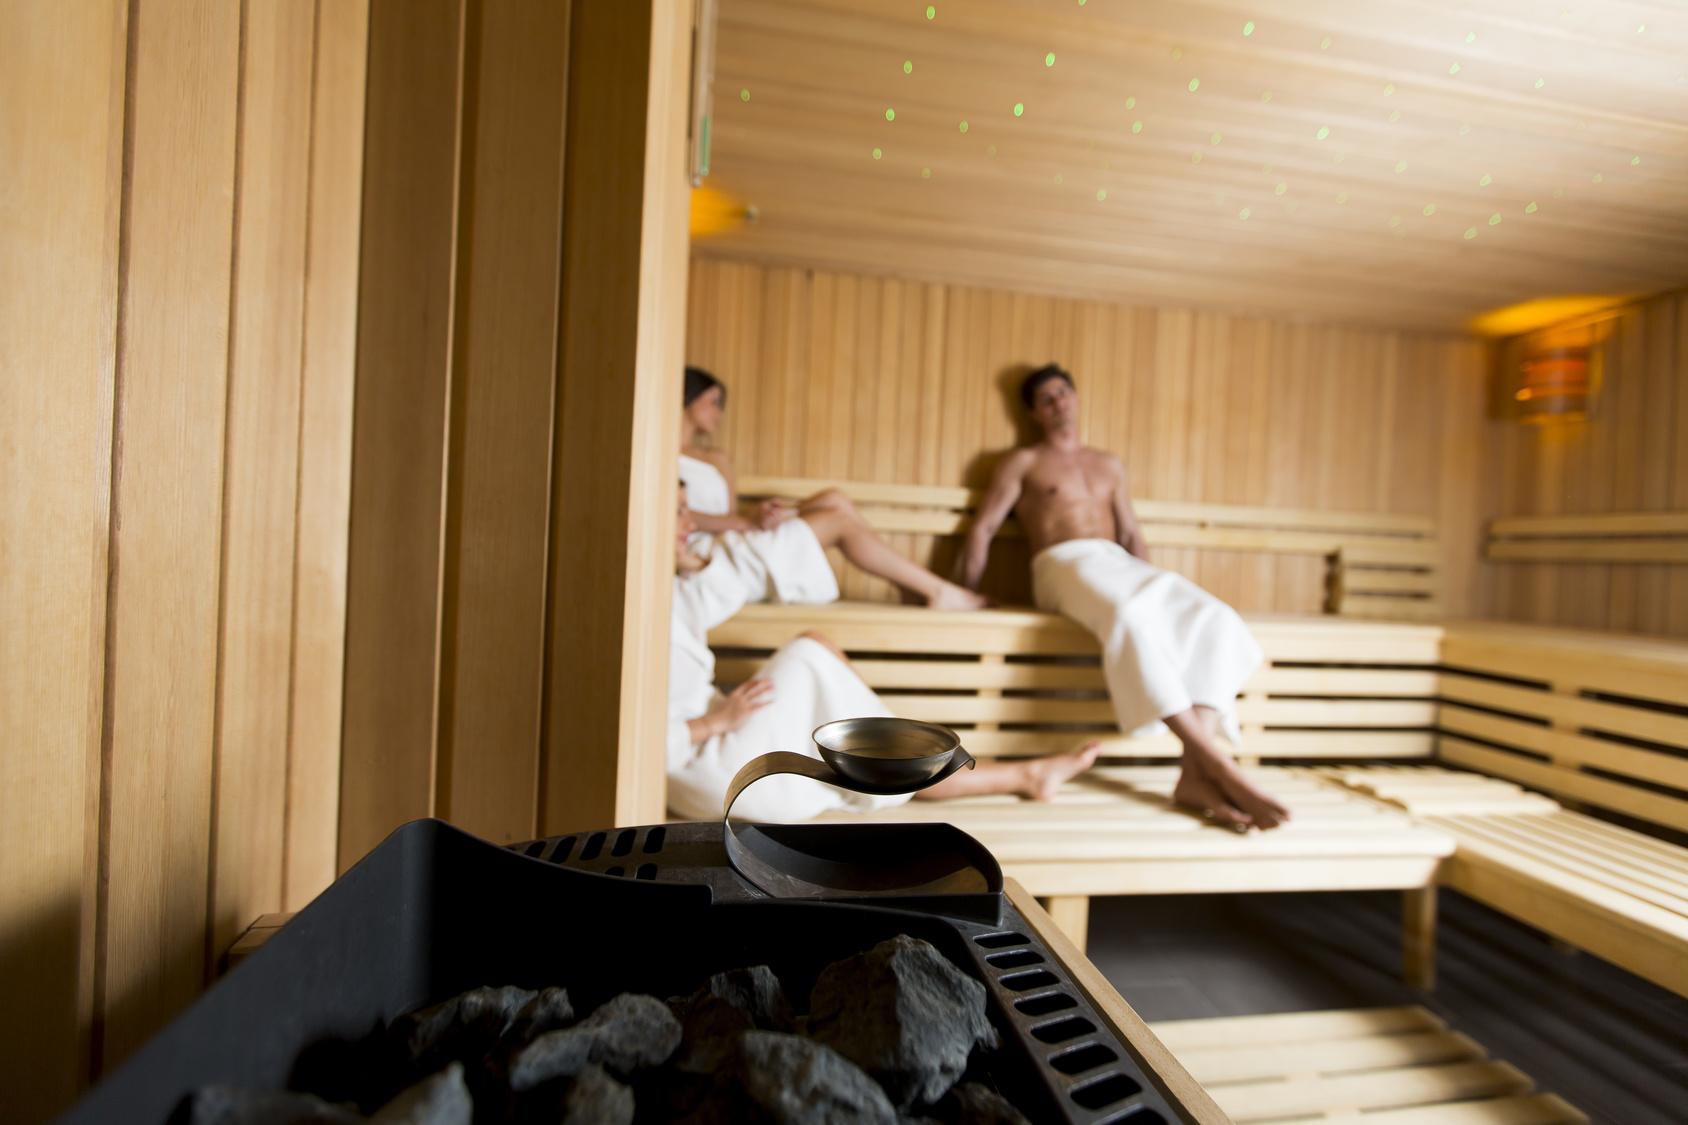 Чем полезна баня для организма: влияние на здоровье мужчин и женщин